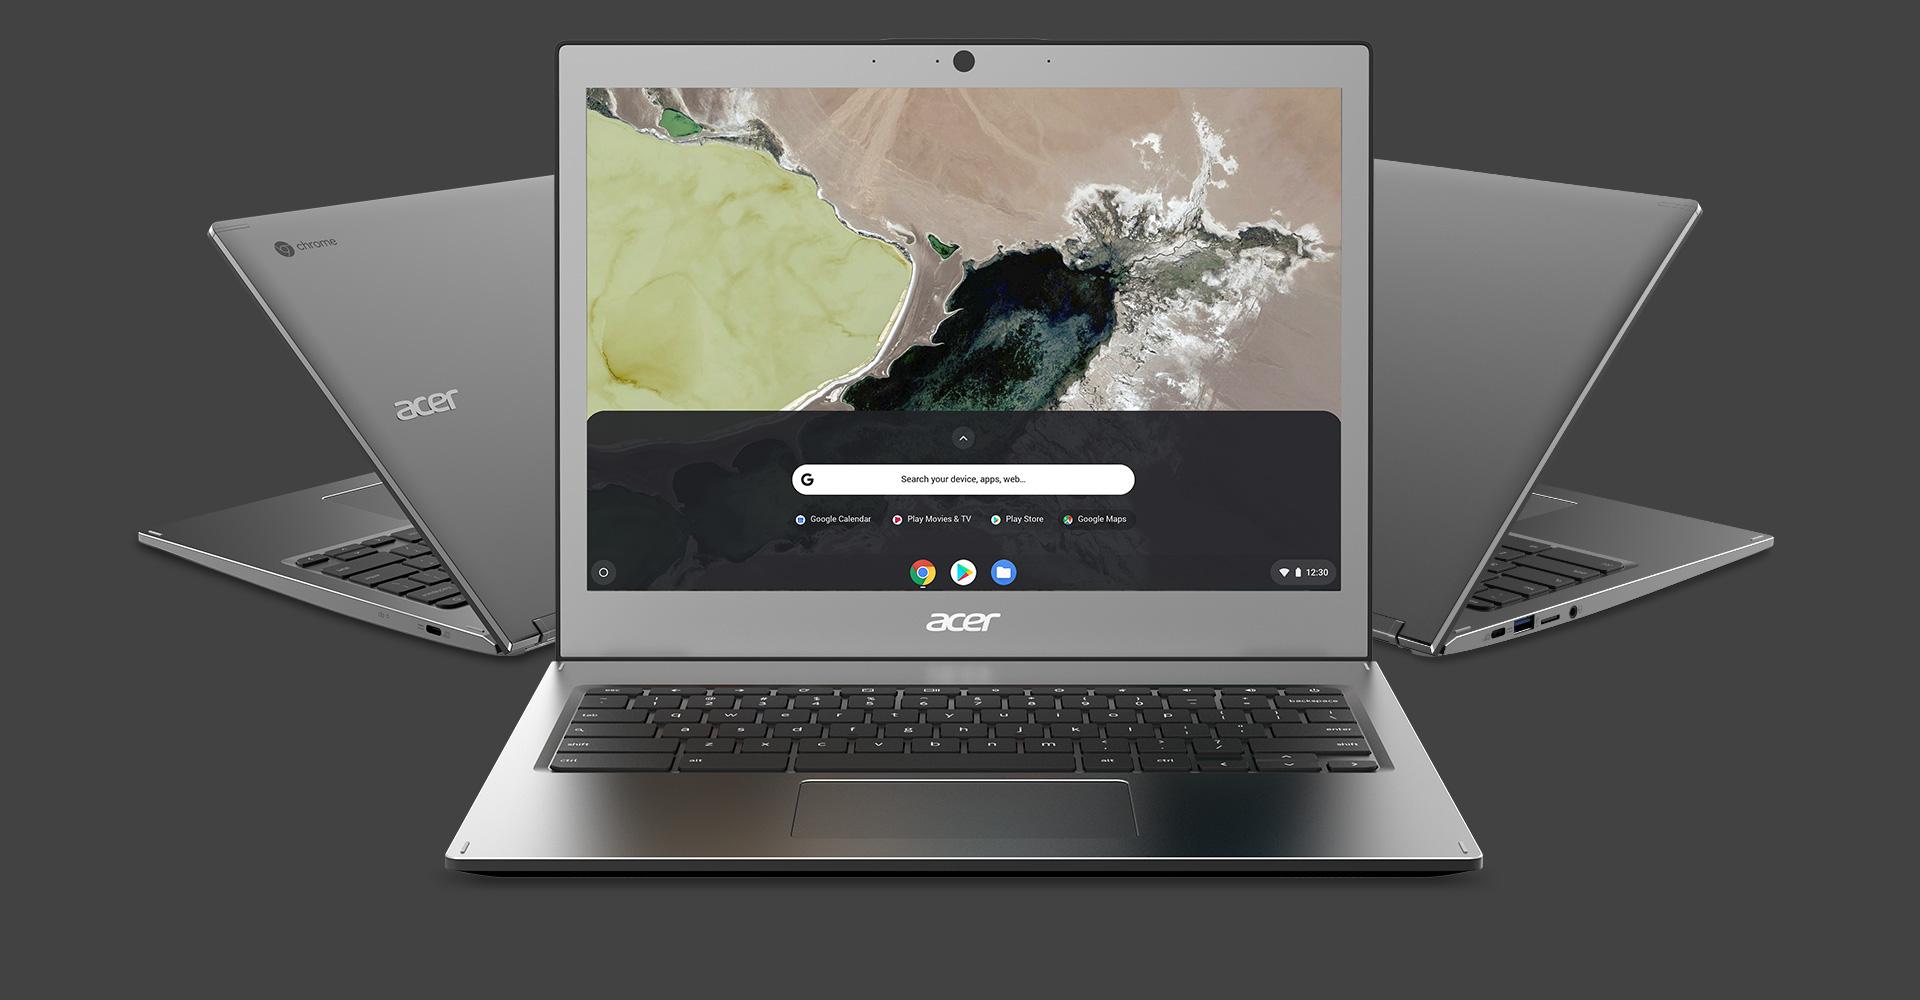 Acer Chromebook 13 - CB713 - Polished Performance - Large